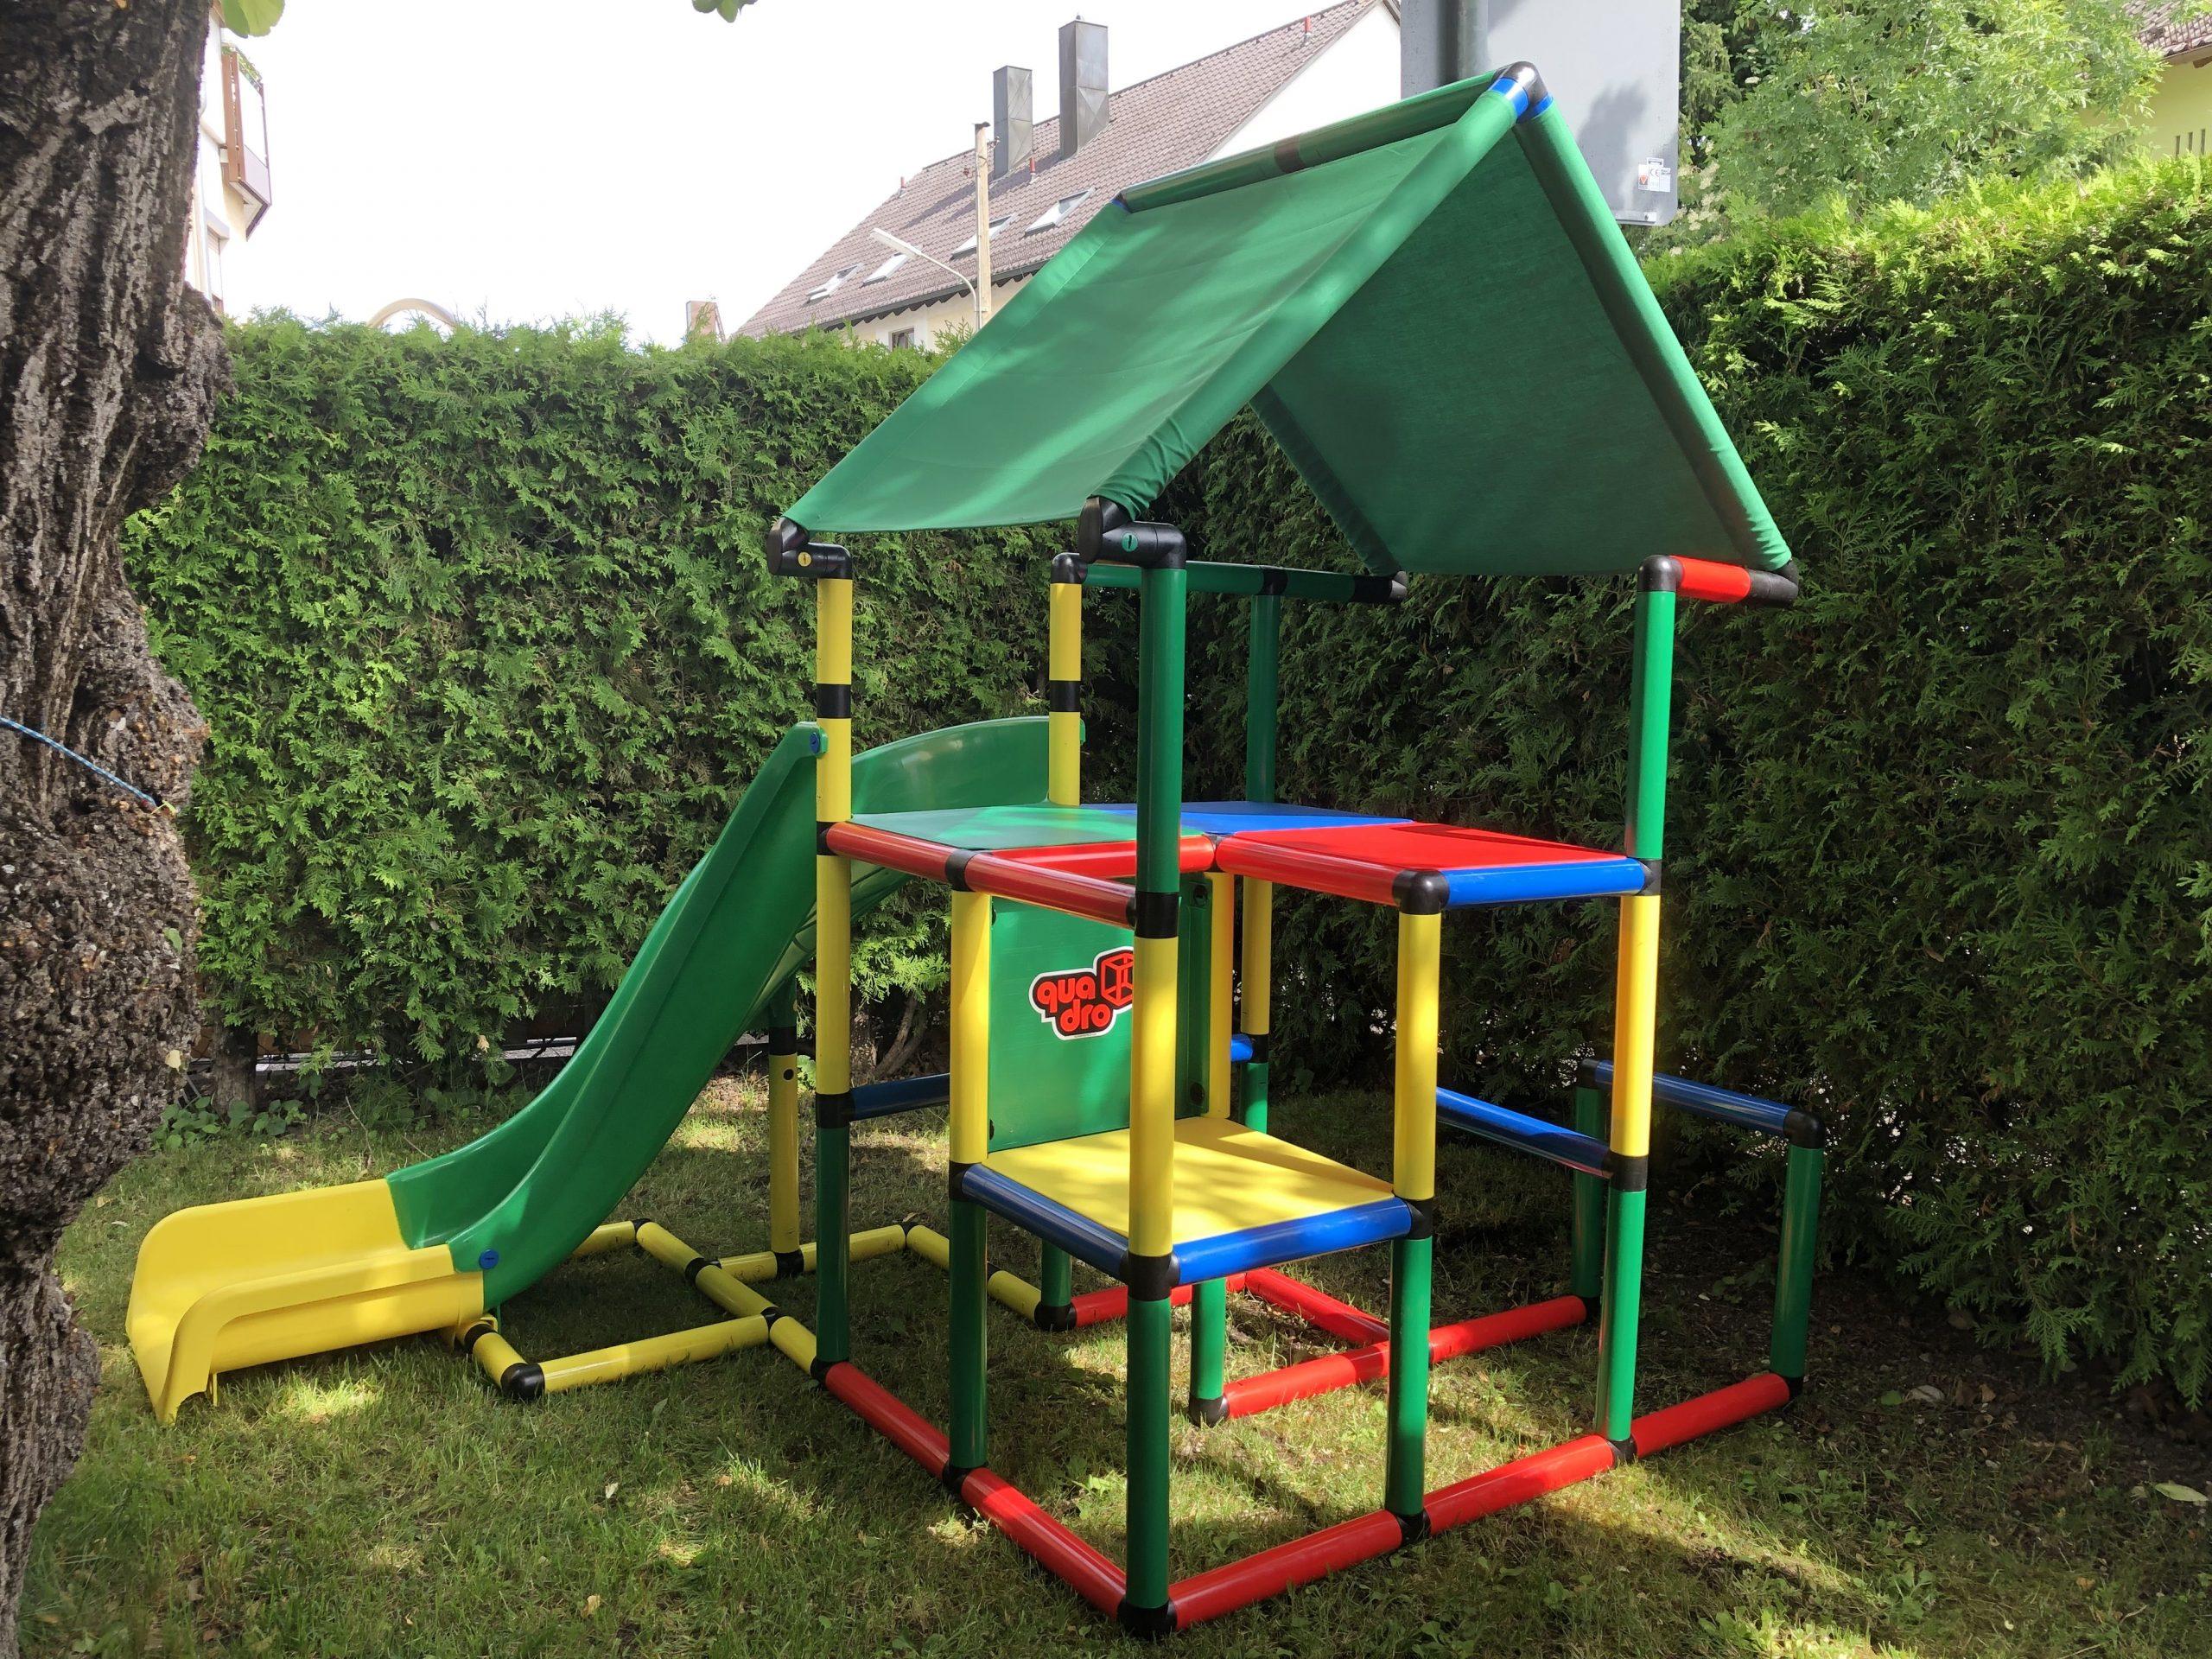 Full Size of Kleines Kind Und Groer Spa Unser Liebt Rutschen Sehr Mit Klettergerüst Garten Wohnzimmer Quadro Klettergerüst